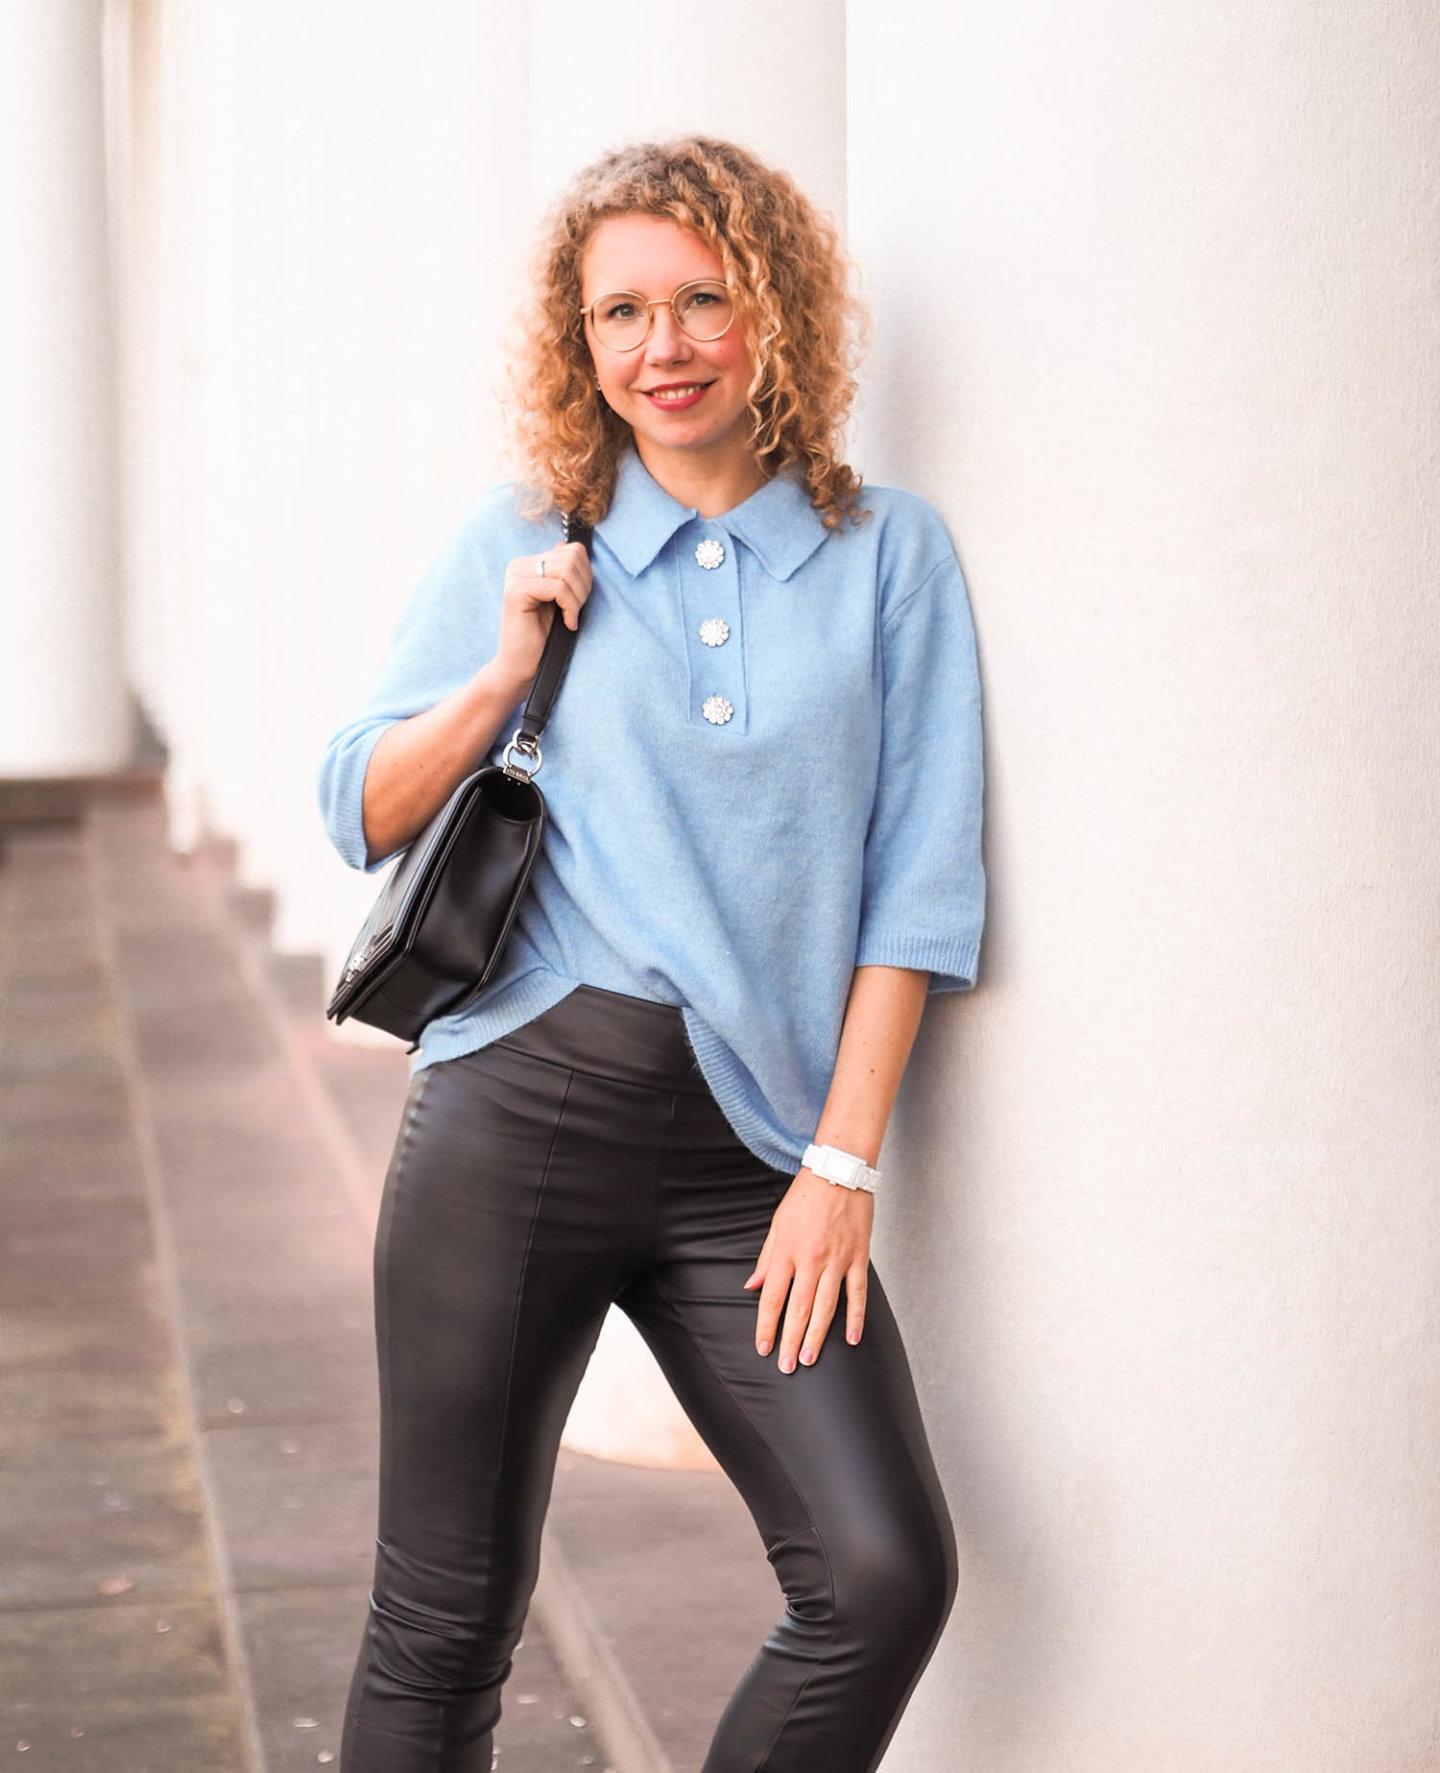 kurzarm-Pullover von H&M, Lederhose von Caledonia und Chanel Boy Bag